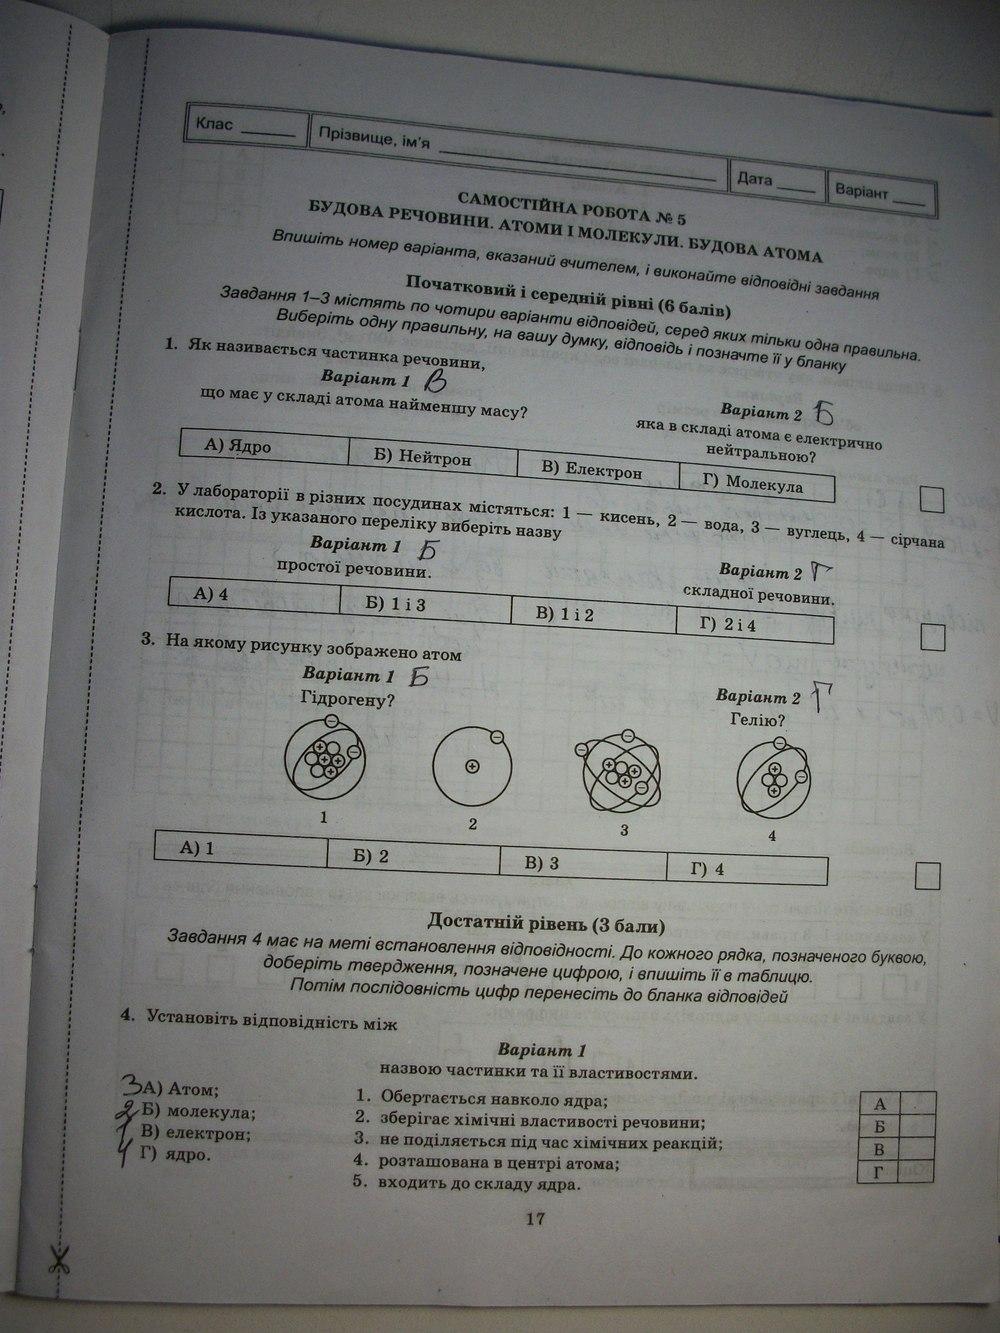 ГДЗ по физике 7 класс Чертіщева М. О.. Задание: стр. 17